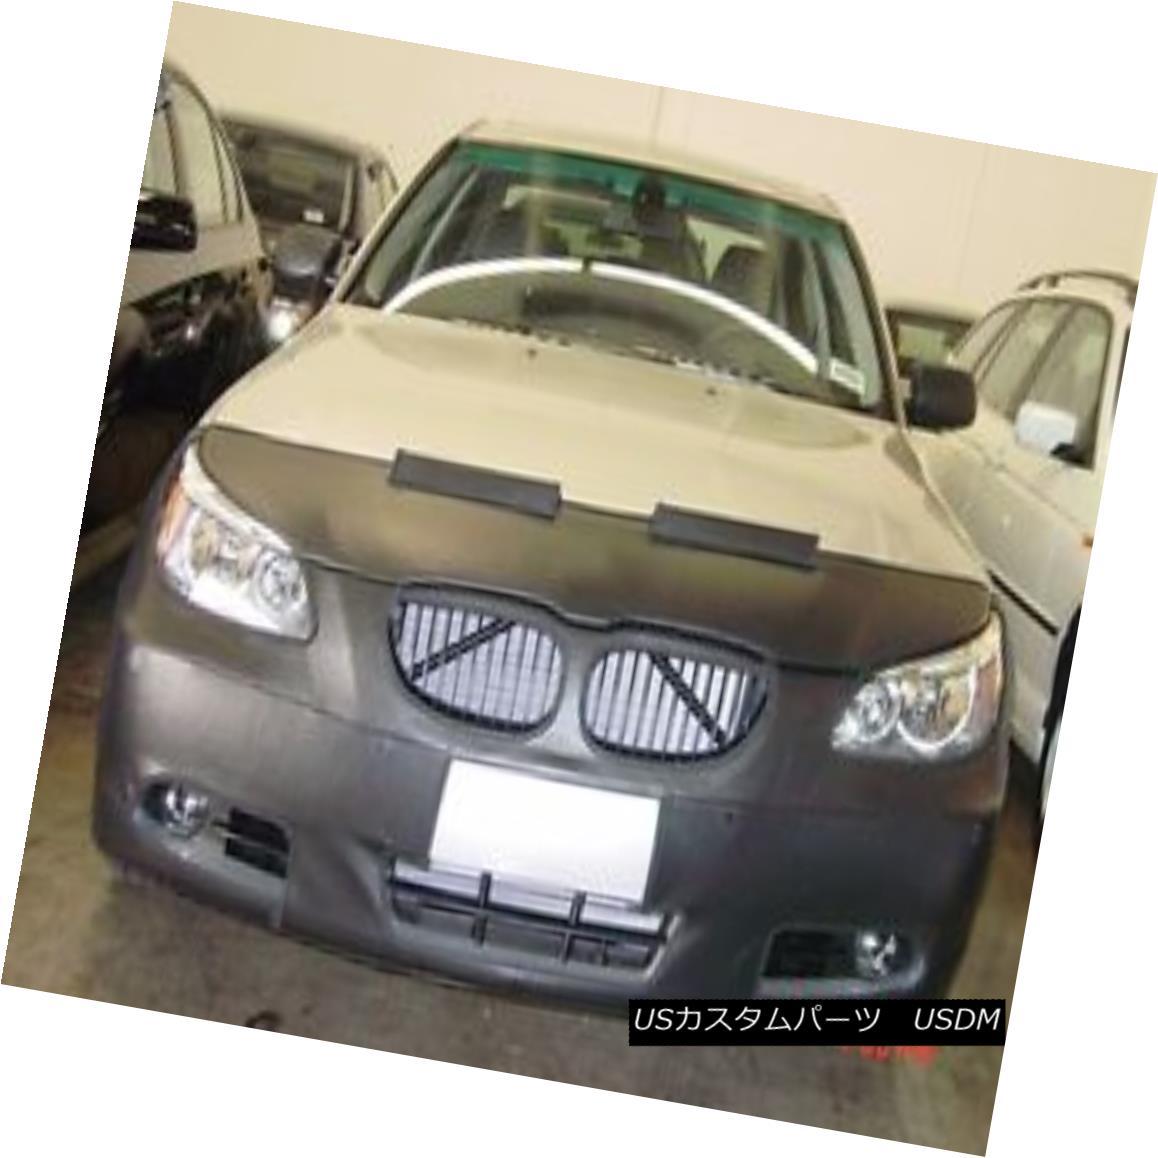 フルブラ ノーズブラ Colgan Front End Mask Bra 2pc.Fits BMW 525i 530i 545i 550i 04-07 W/licen.W/Emble コルガンフロントエンドマスクブラ2pc.フィットBMW 525i 530i 545i 550i 04-07 W /ライオンW / Embl e